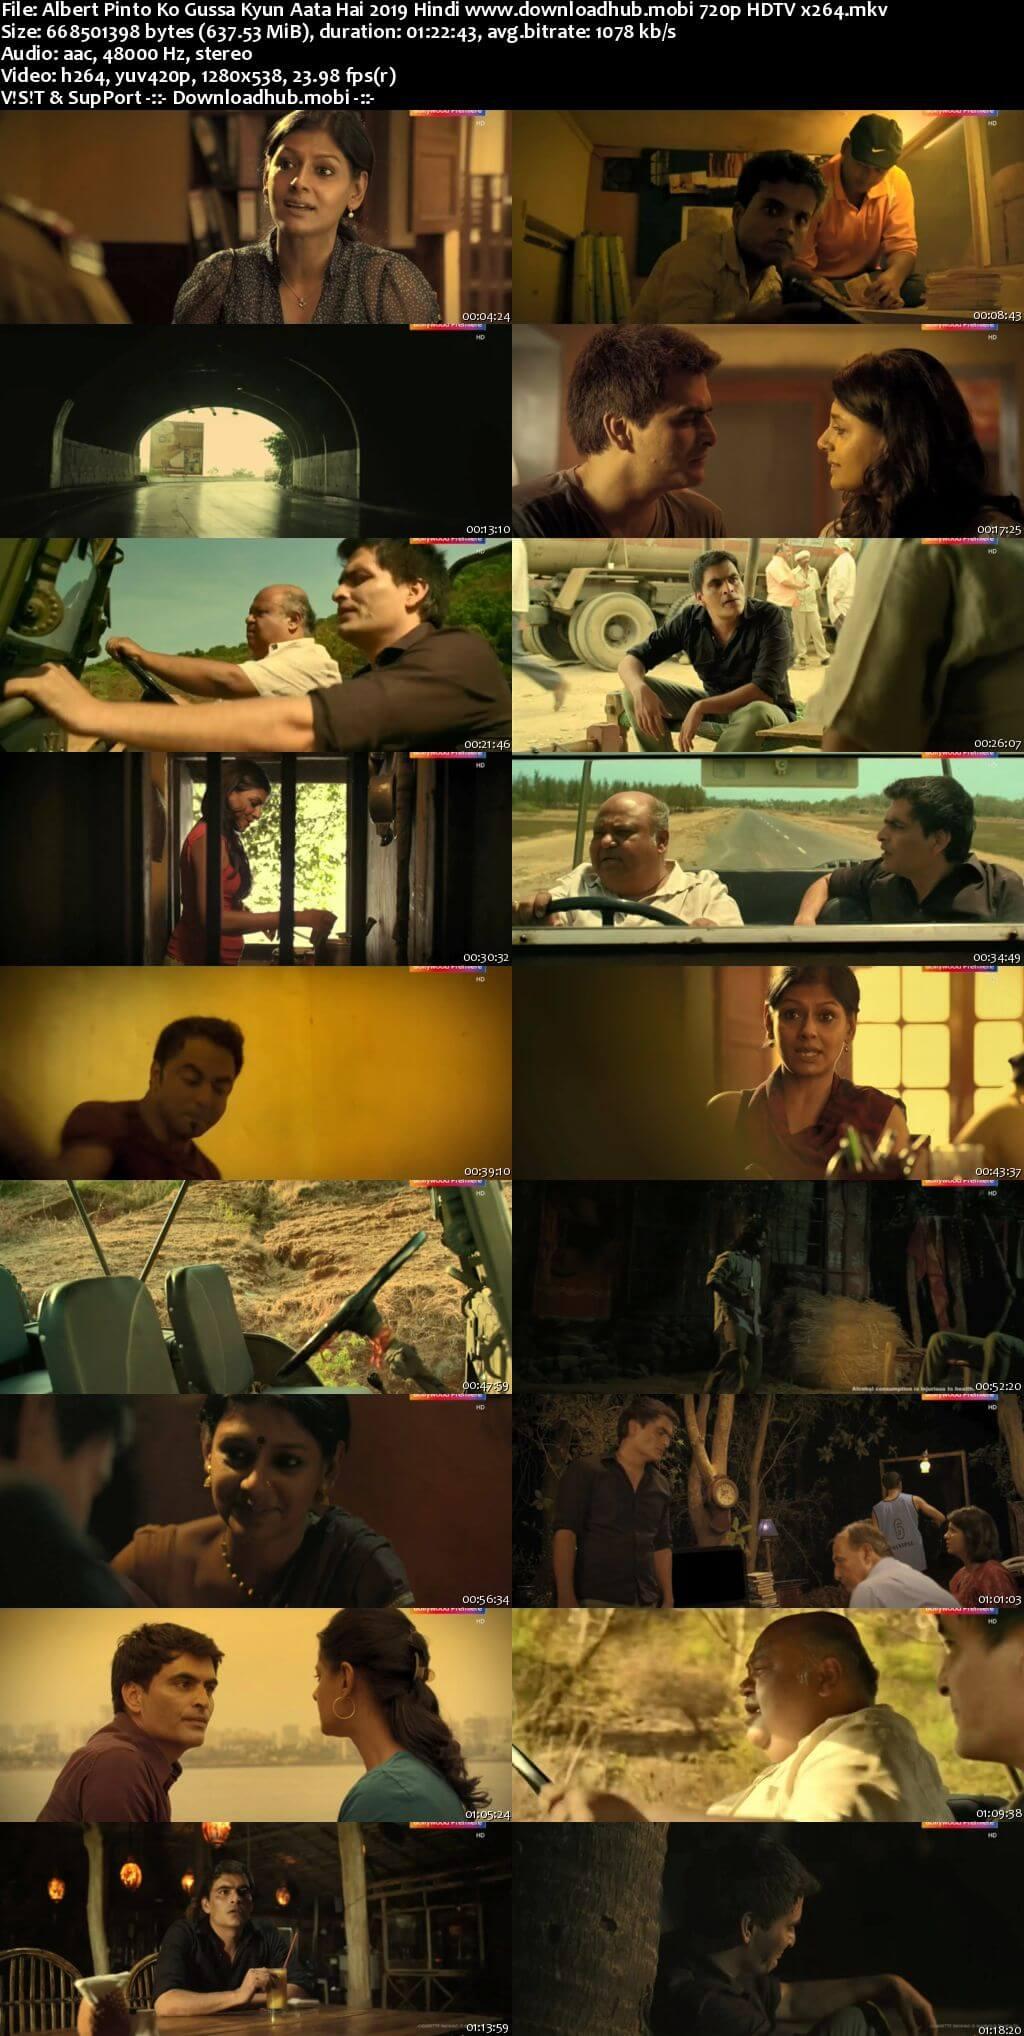 Albert Pinto Ko Gussa Kyun Aata Hai 2019 Hindi 720p HDTV x264